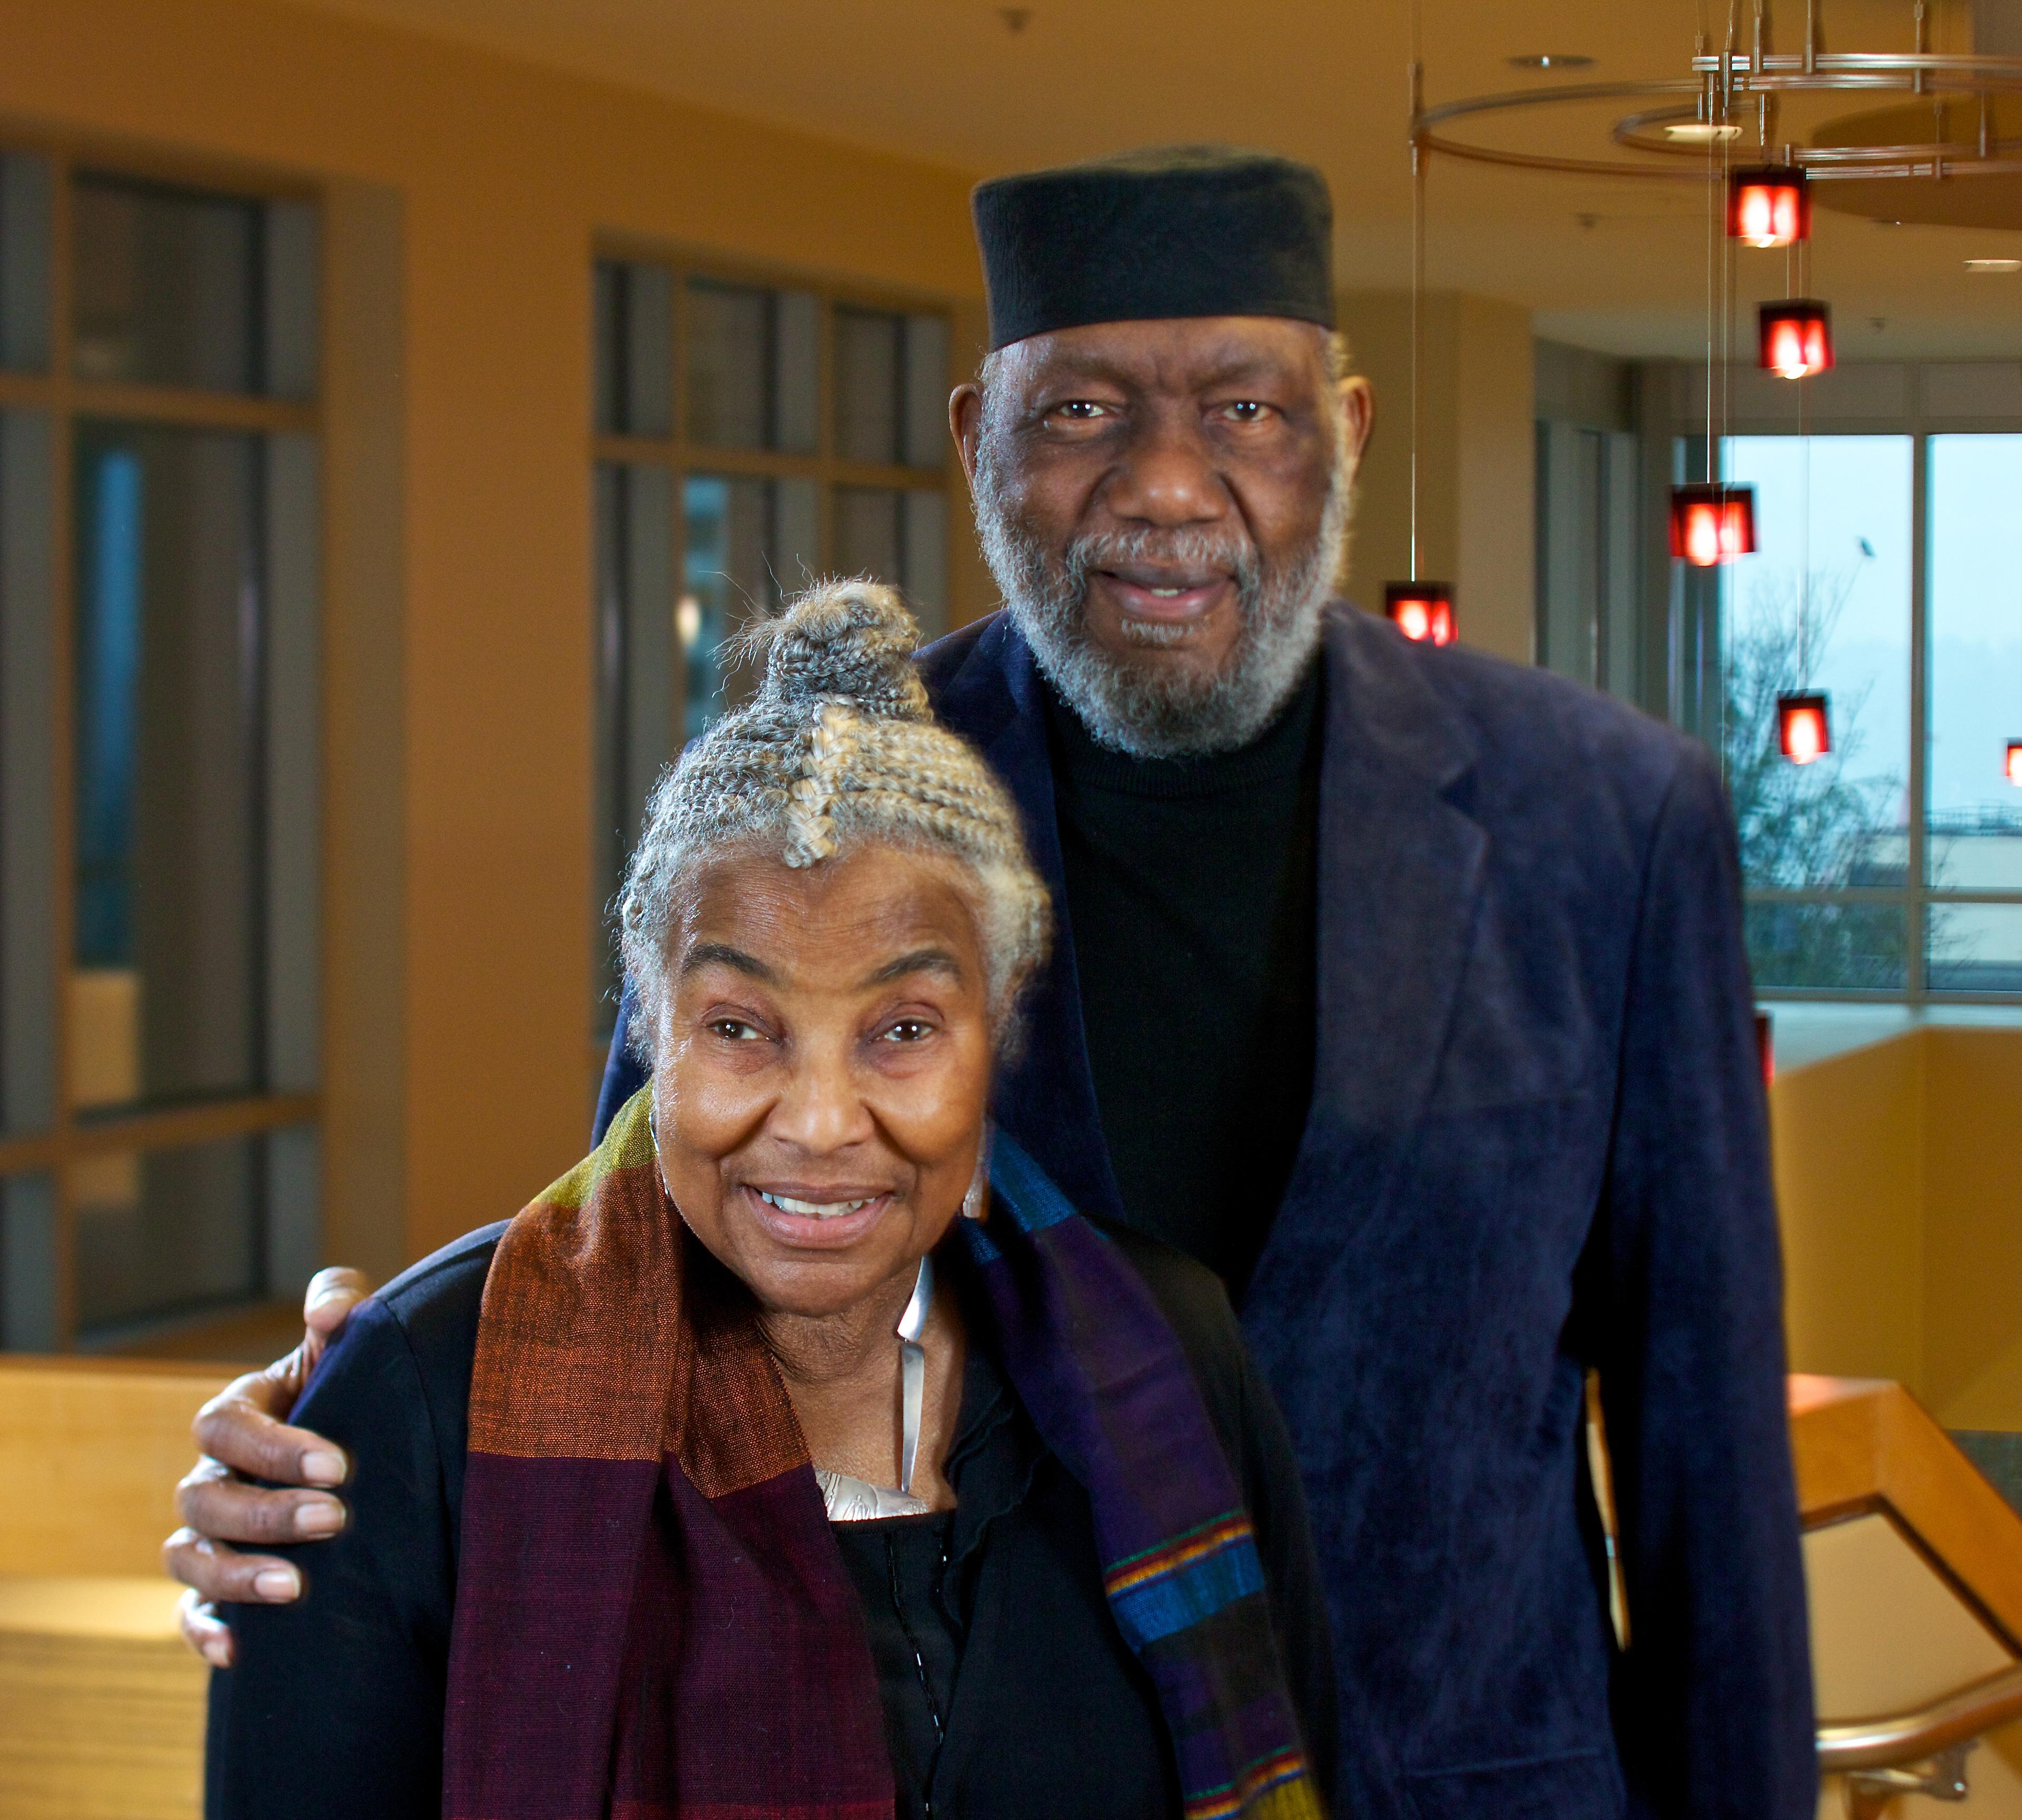 Lois Price Spratlen and Thaddeus Spratlen pose for a photograph.